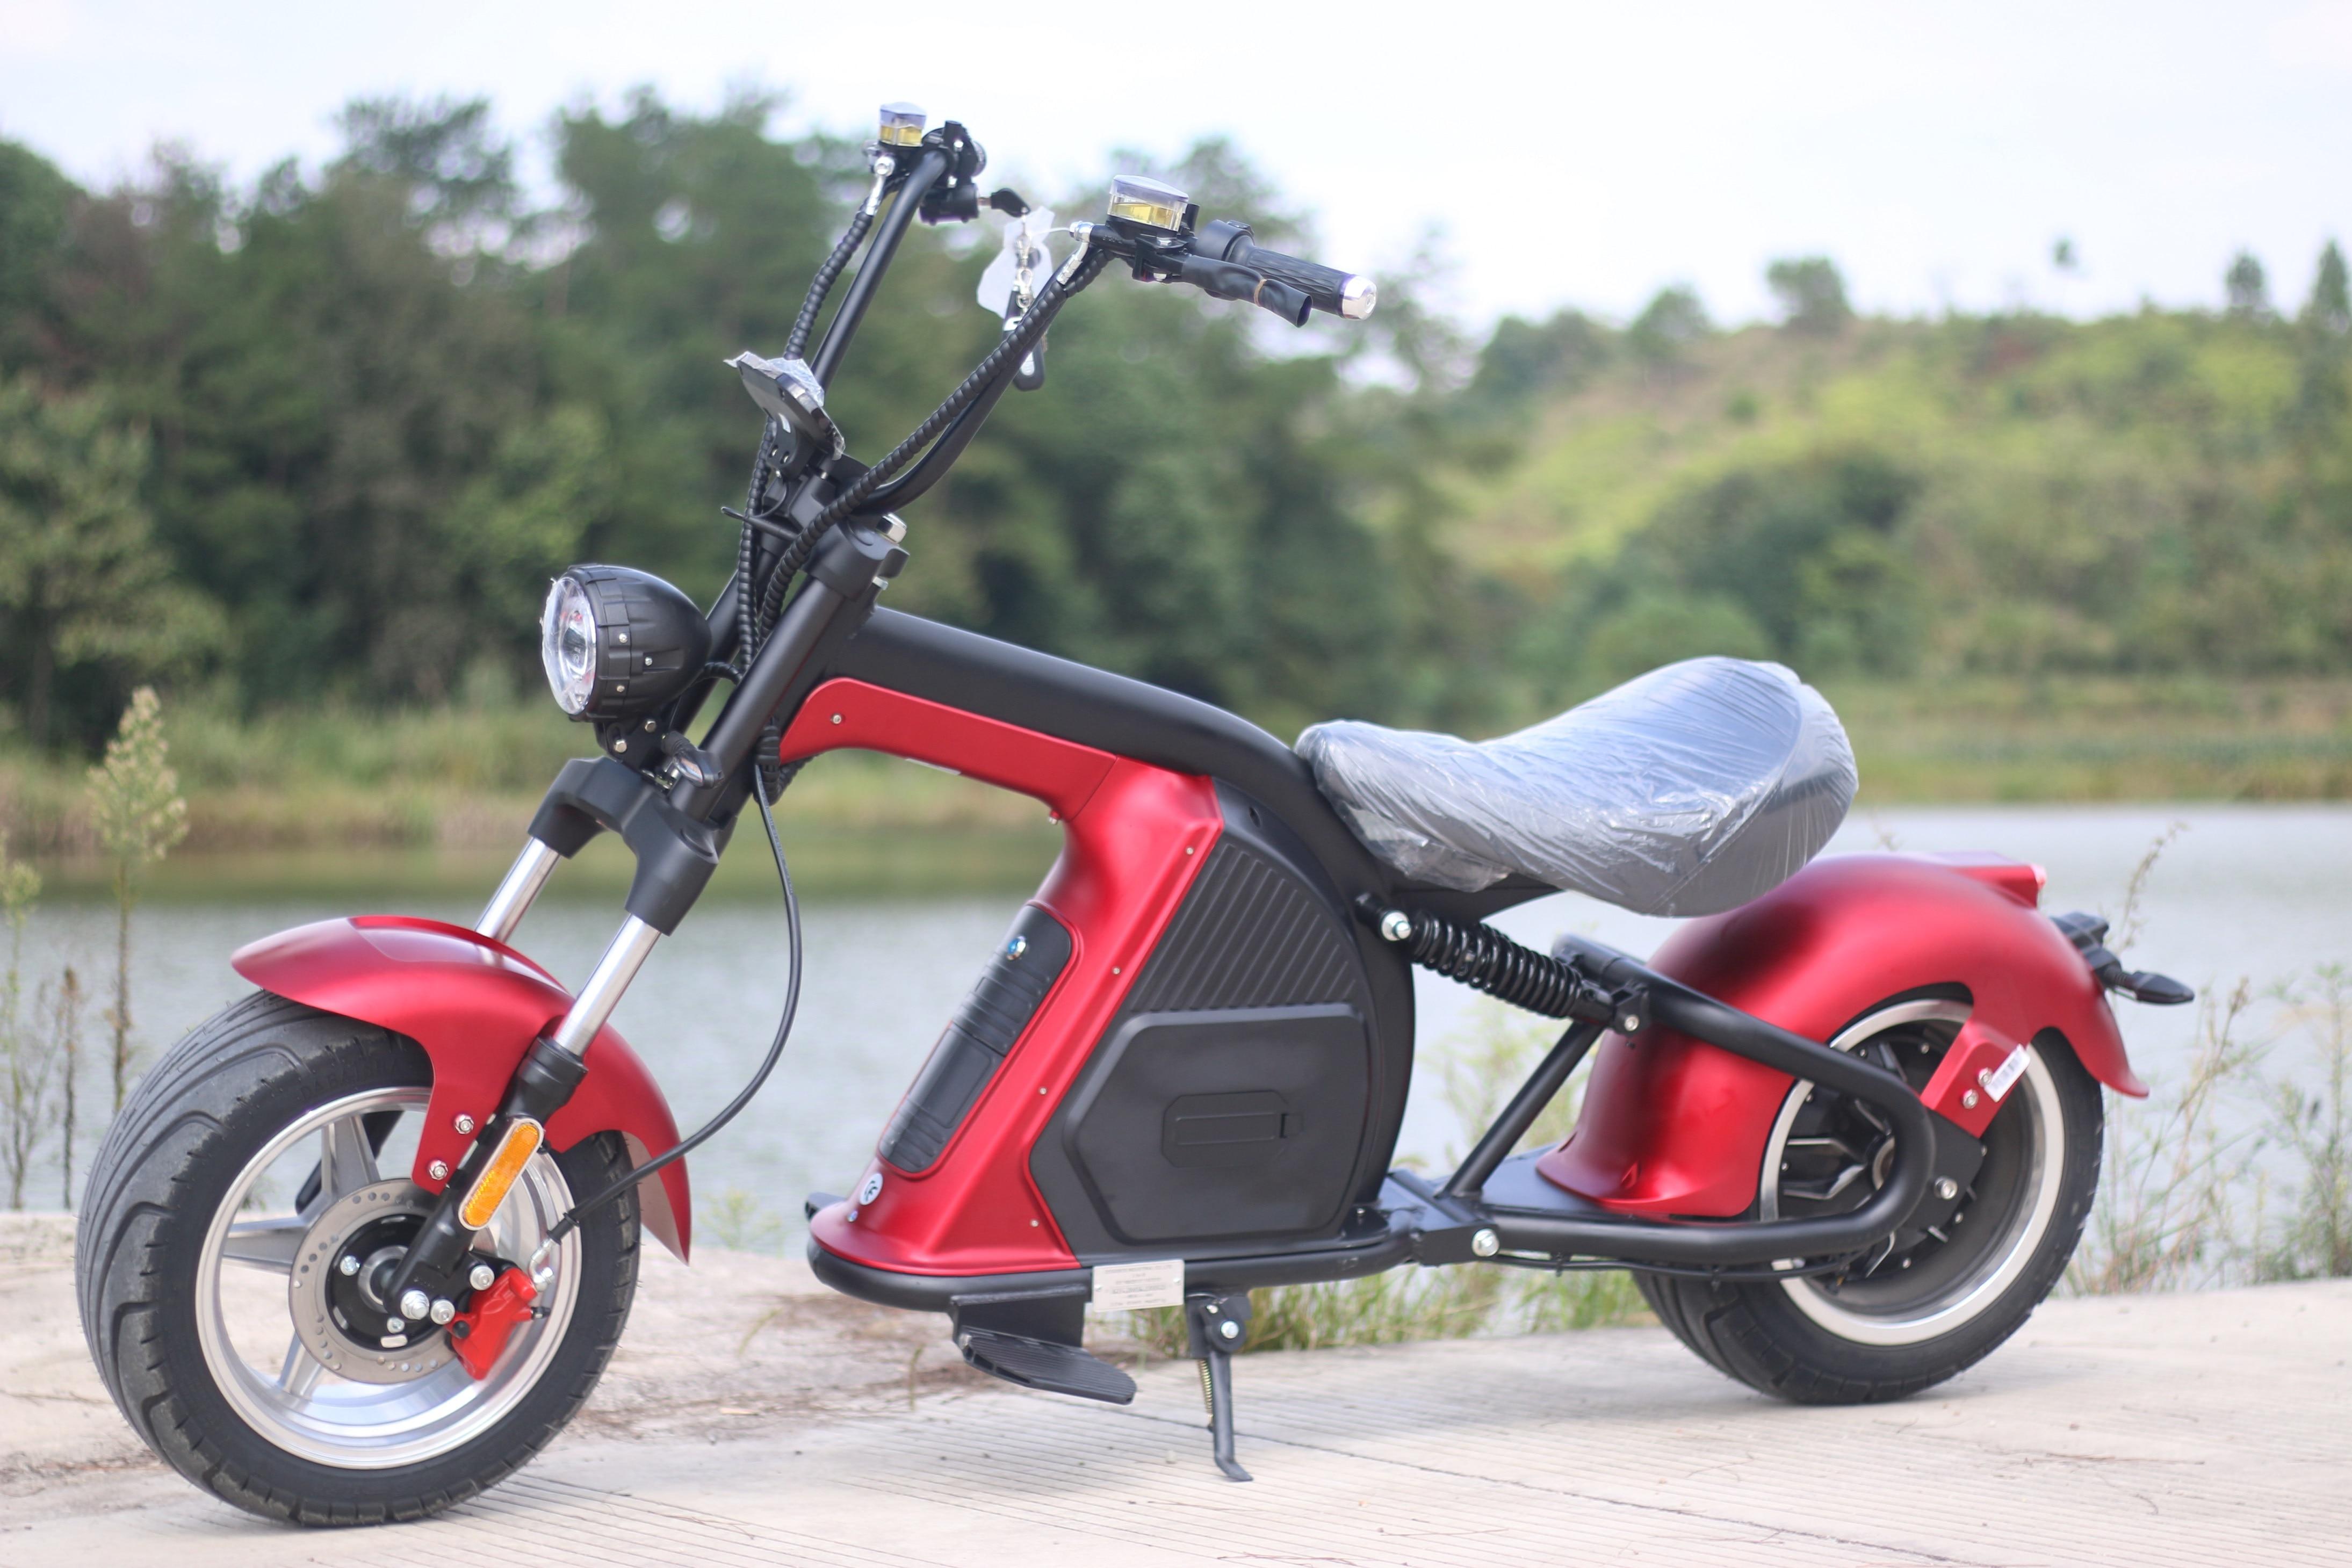 30Ah Европа США склад EEC/COC 2-колесный электрический скутер мотоцикла Citycoco 2000W60V съемный Батарея, способный преодолевать Броды для взрослых